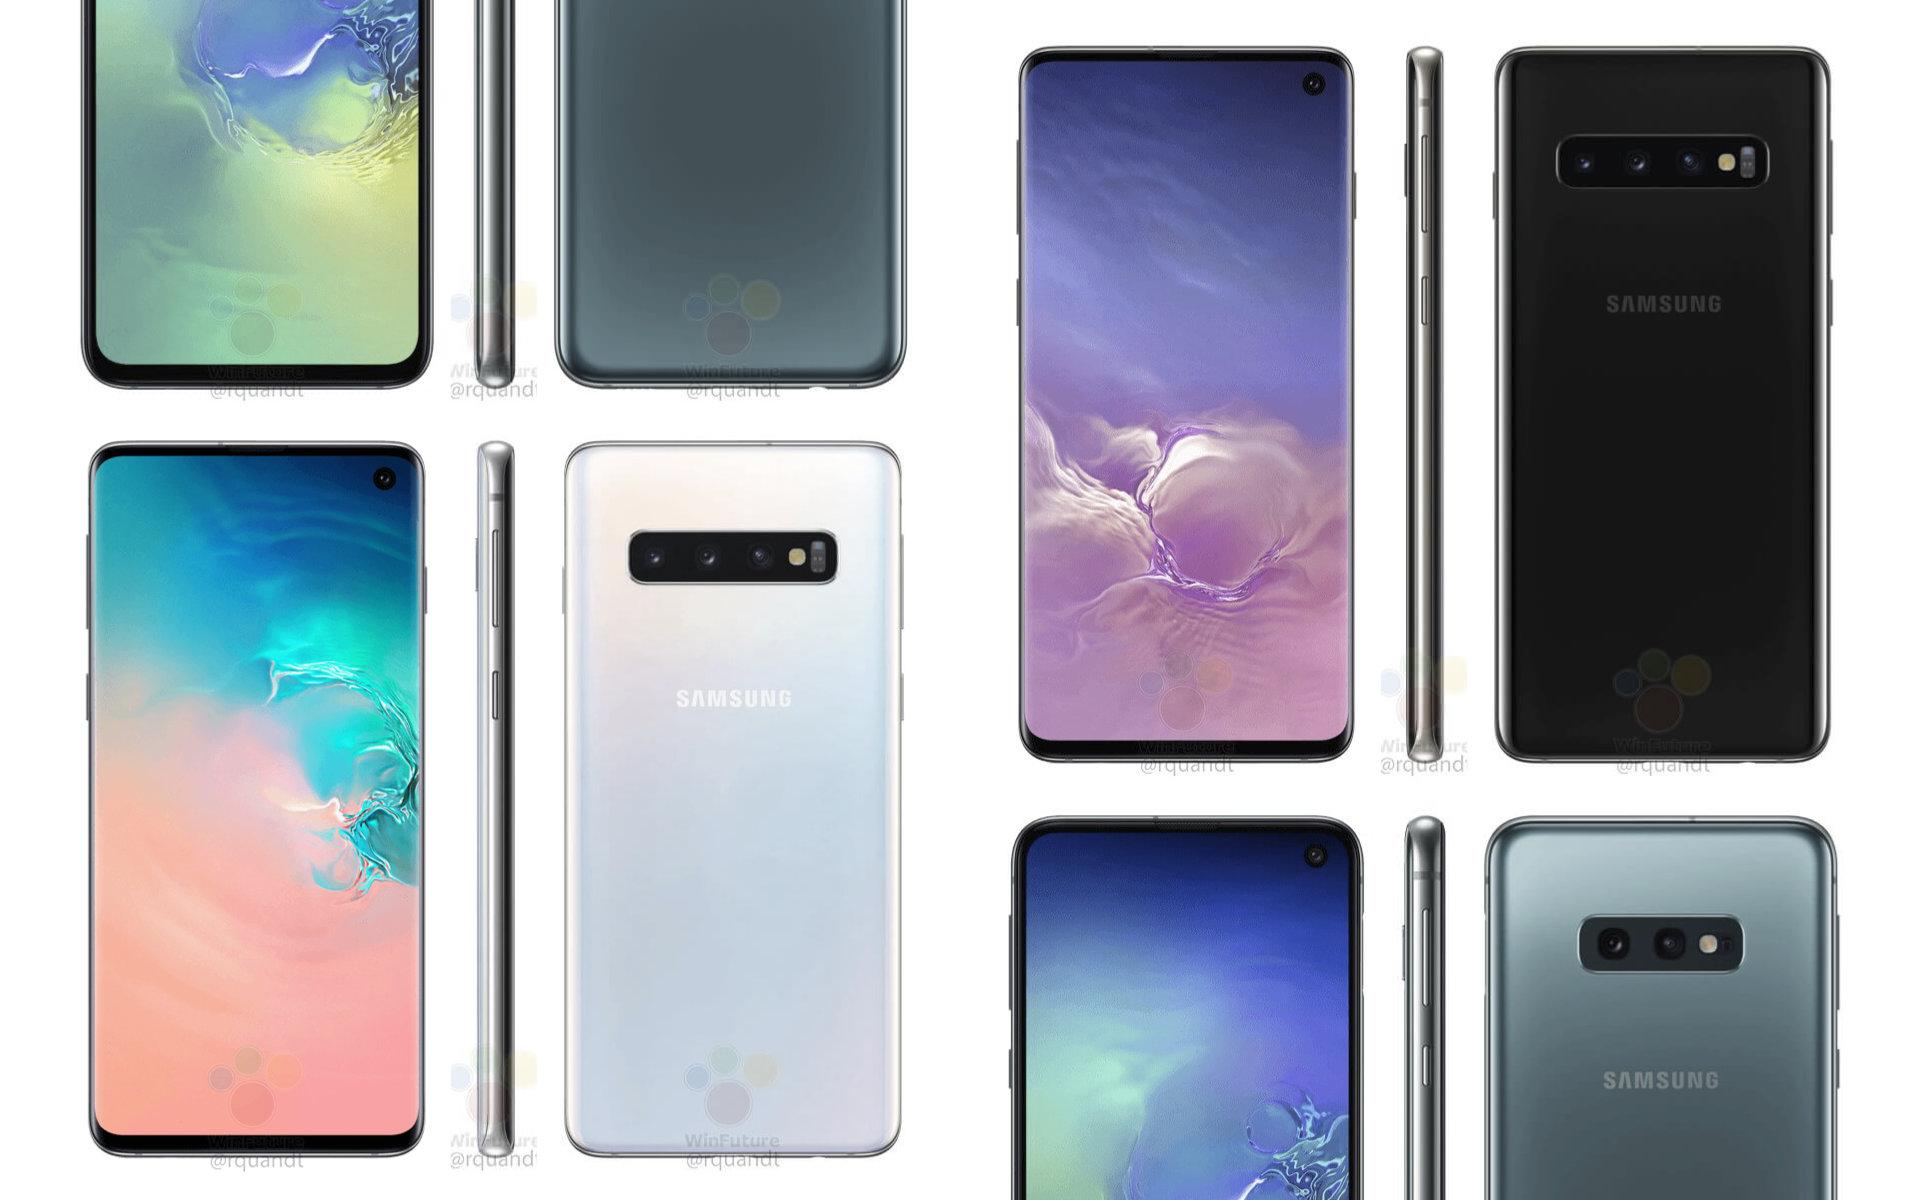 Publicité du Galaxy S10, conférence du Huawei P30 et émulateur Switch sur Android – Tech'spresso